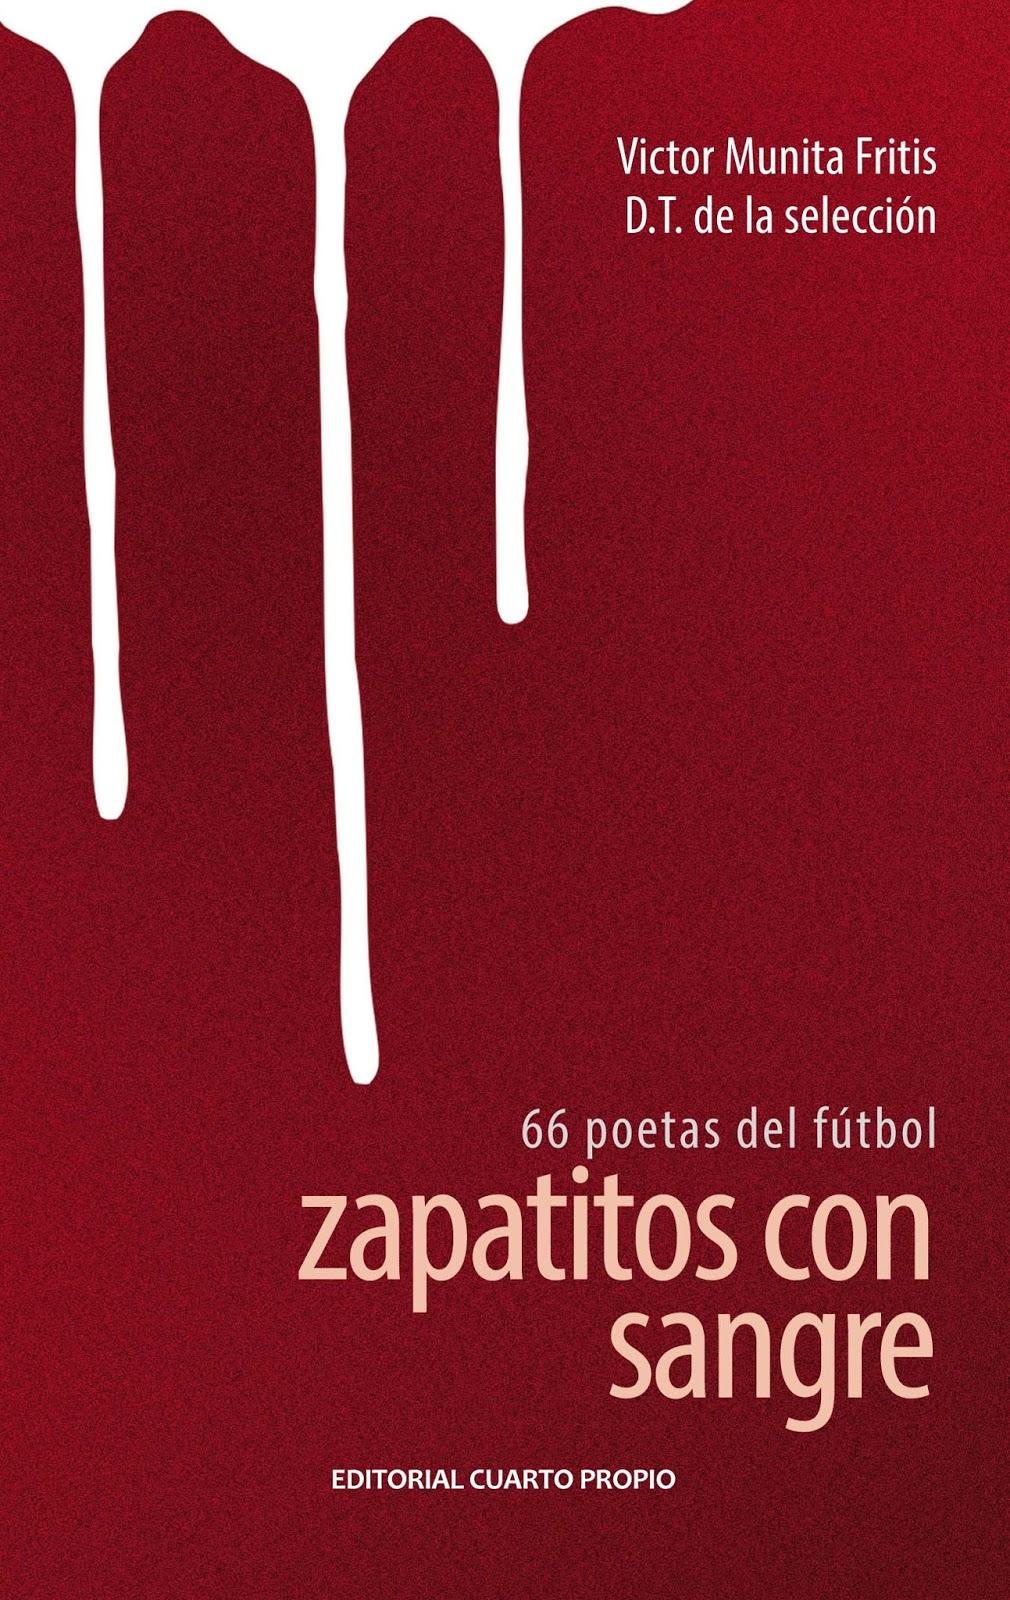 Zapatitos con sangre